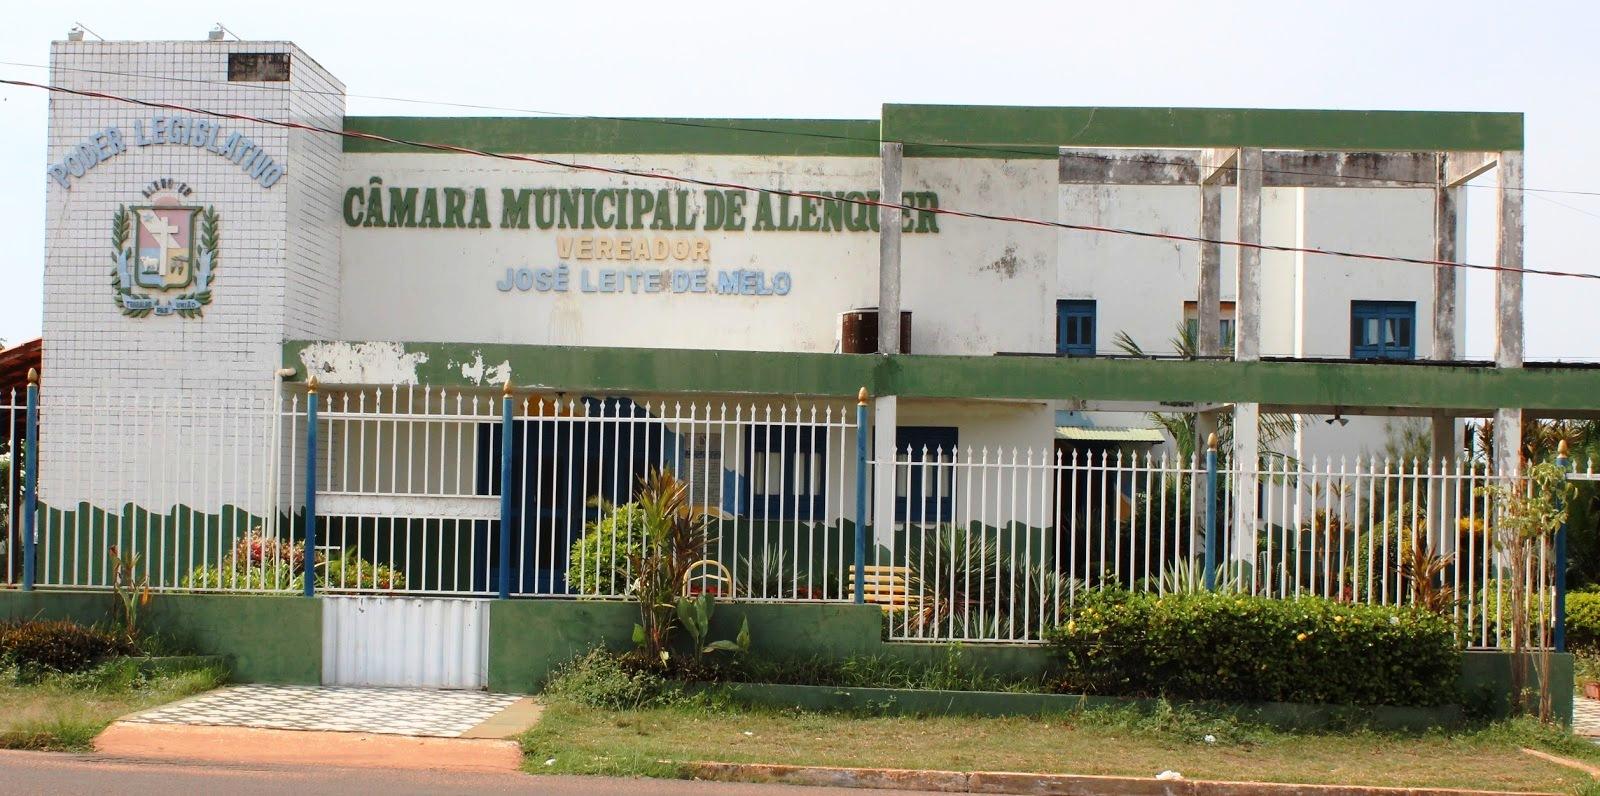 Os 9 mais votados para Câmara de Alenquer no Aningal, Centro, zonas rural e várzea